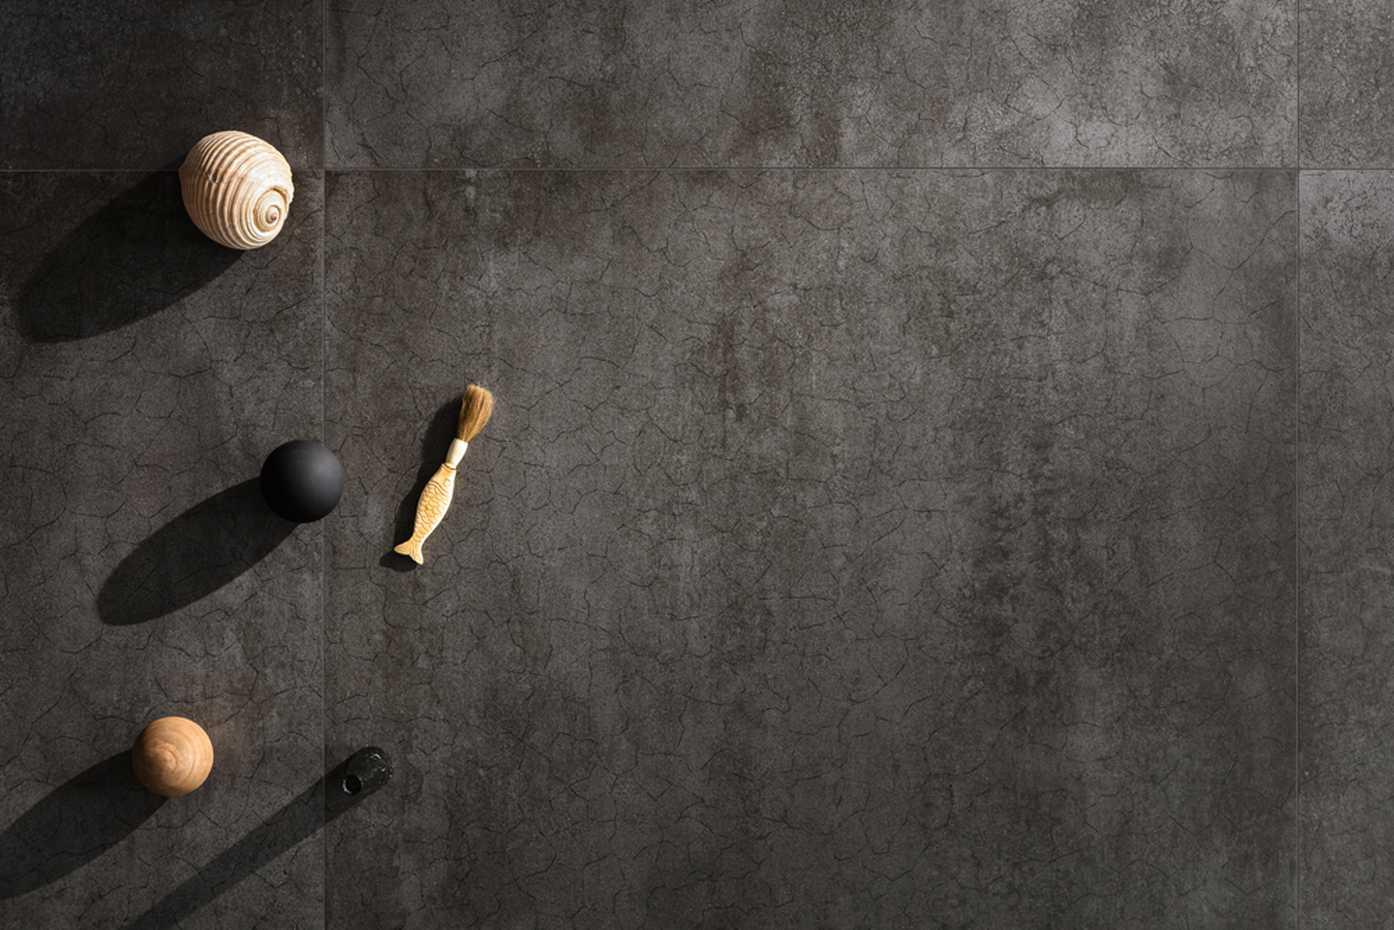 Slimtech Concreto by Lea product image 1